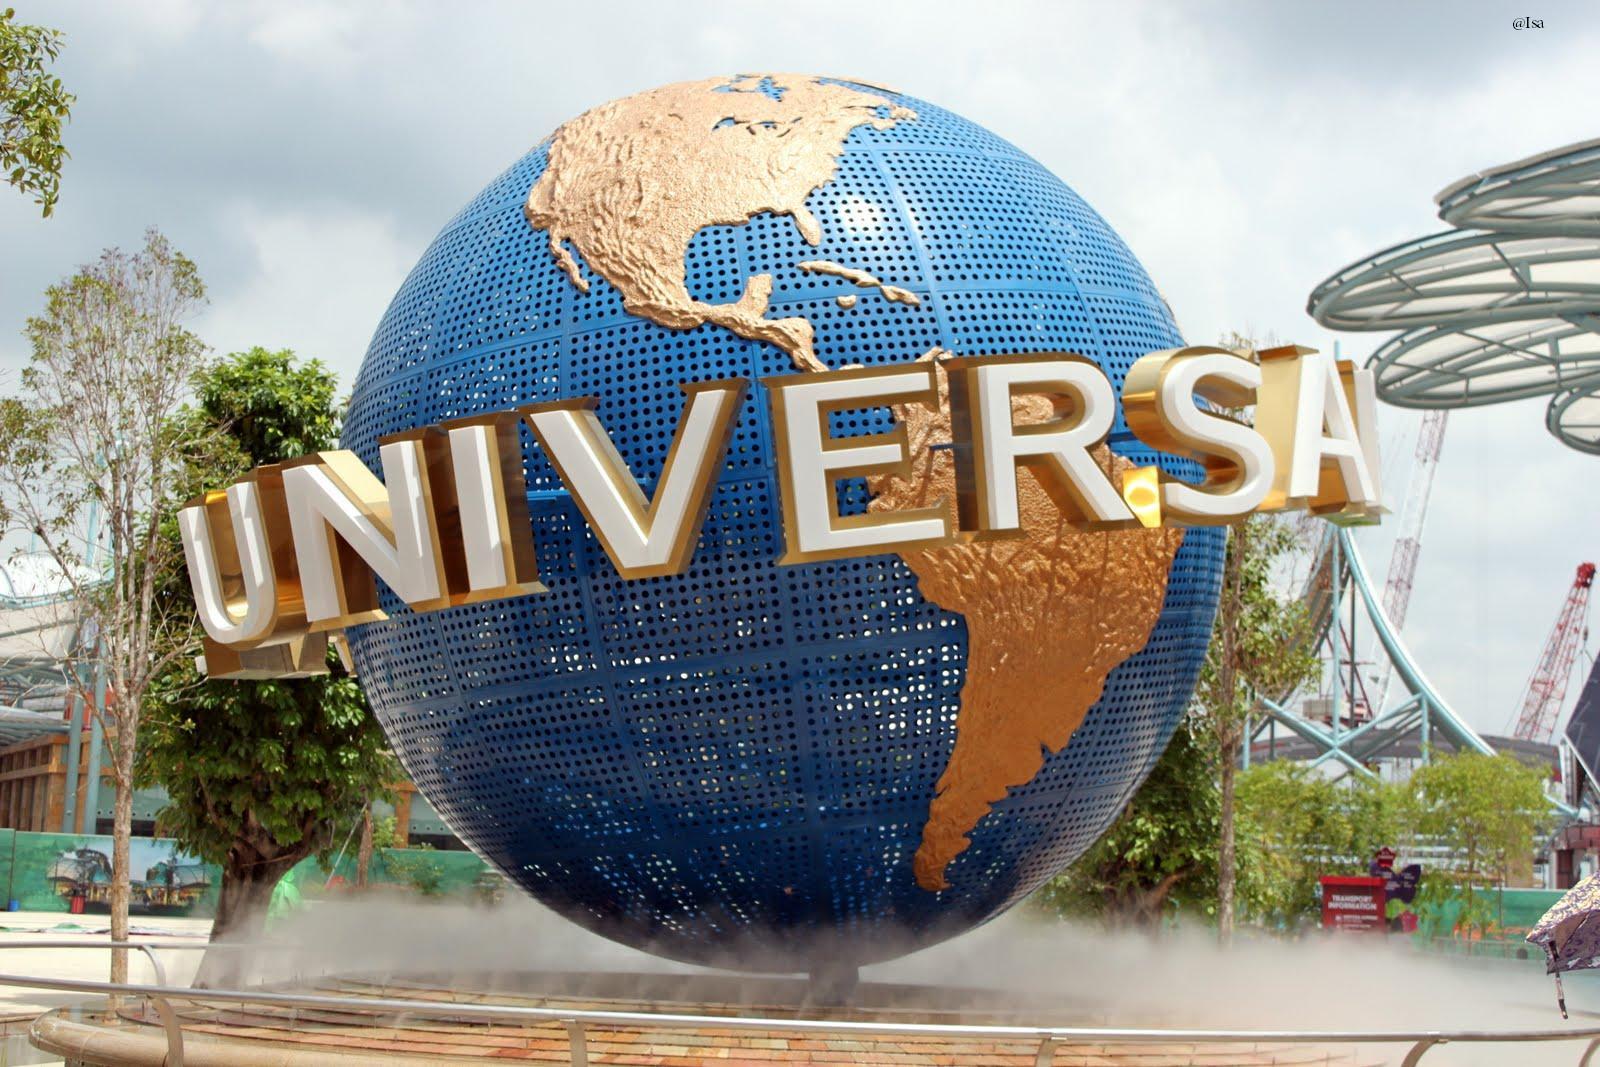 1594375087_892237-universal-studio.jpg